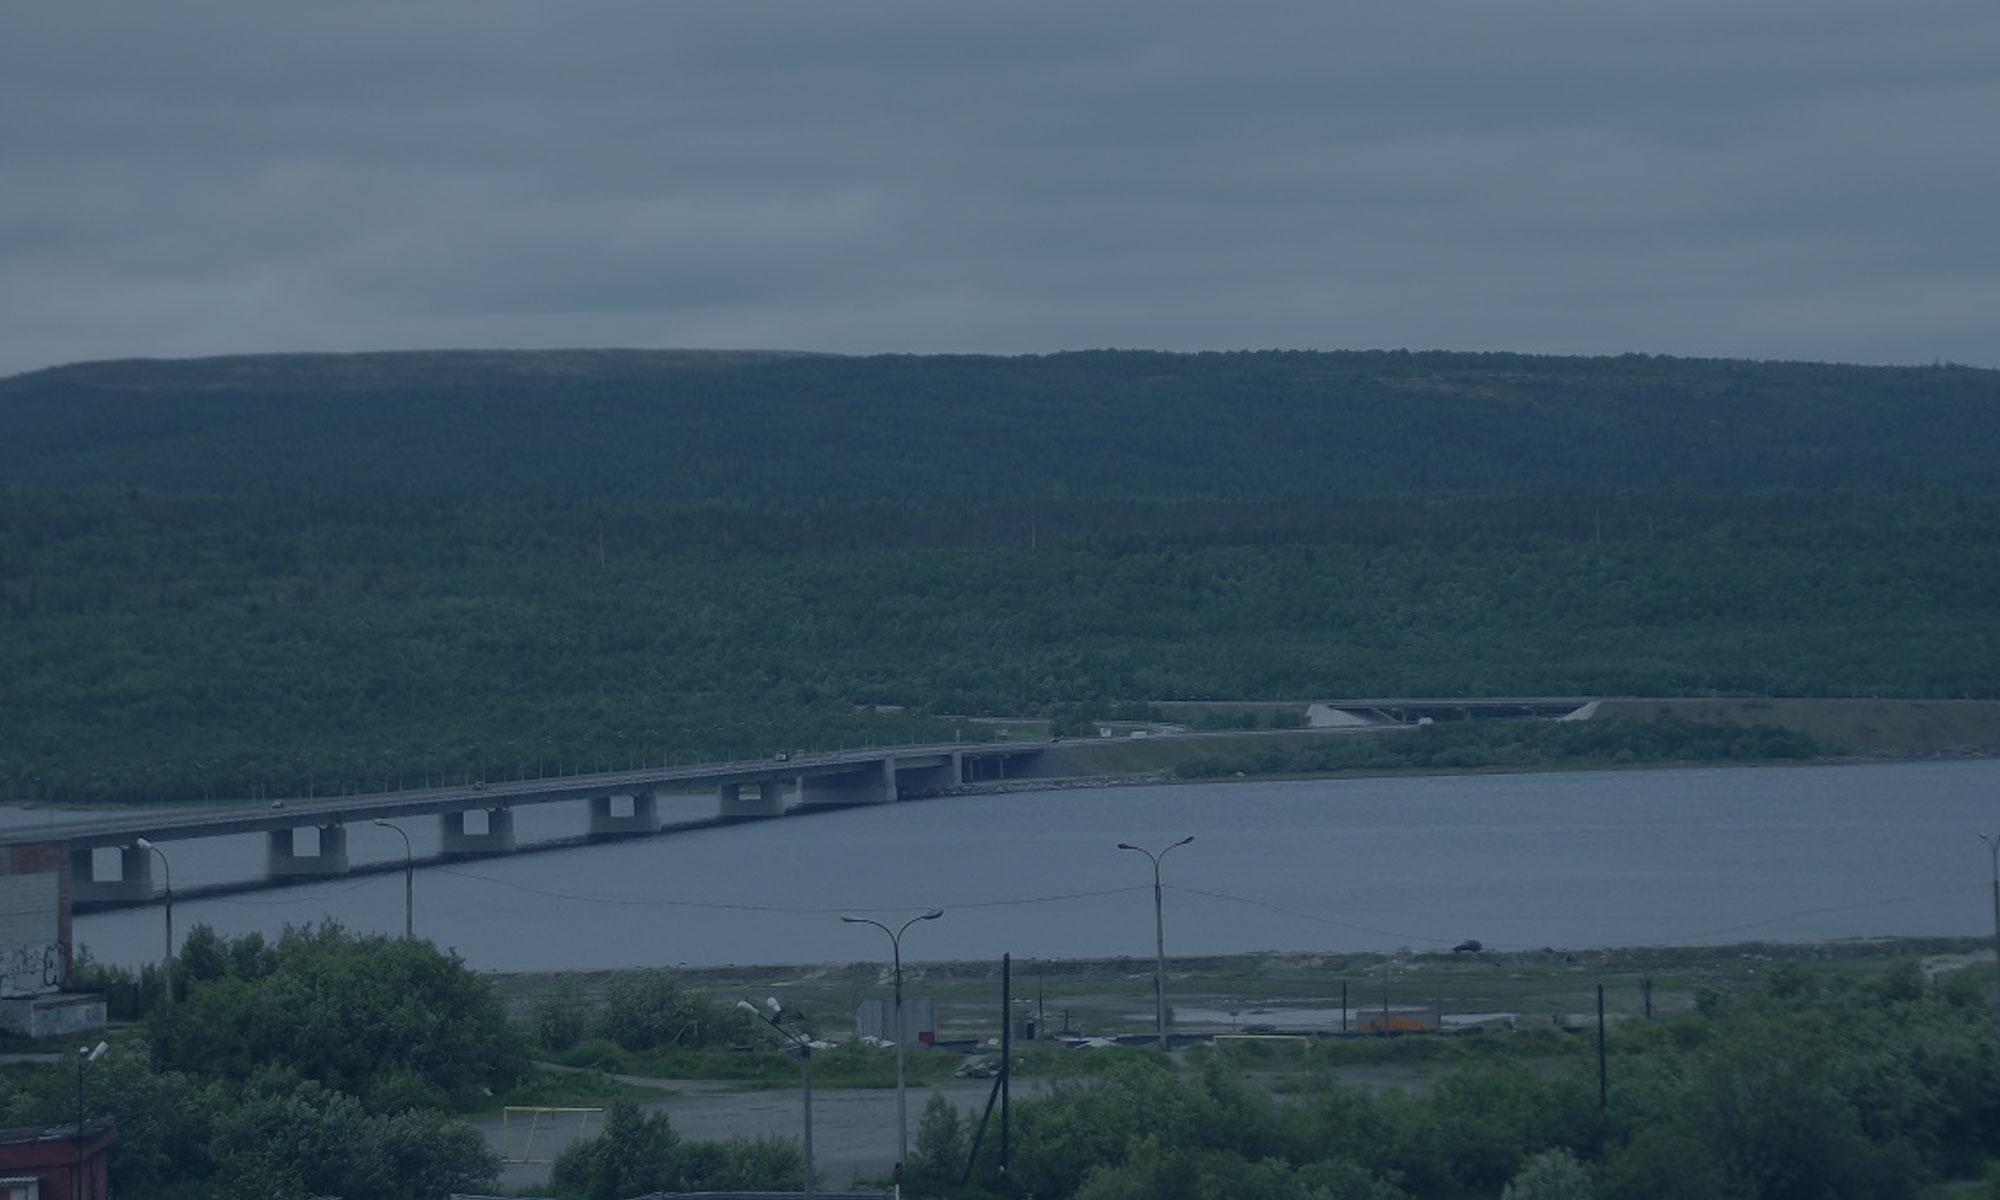 Реконструкция мостового перехода через реку Канда-Губа